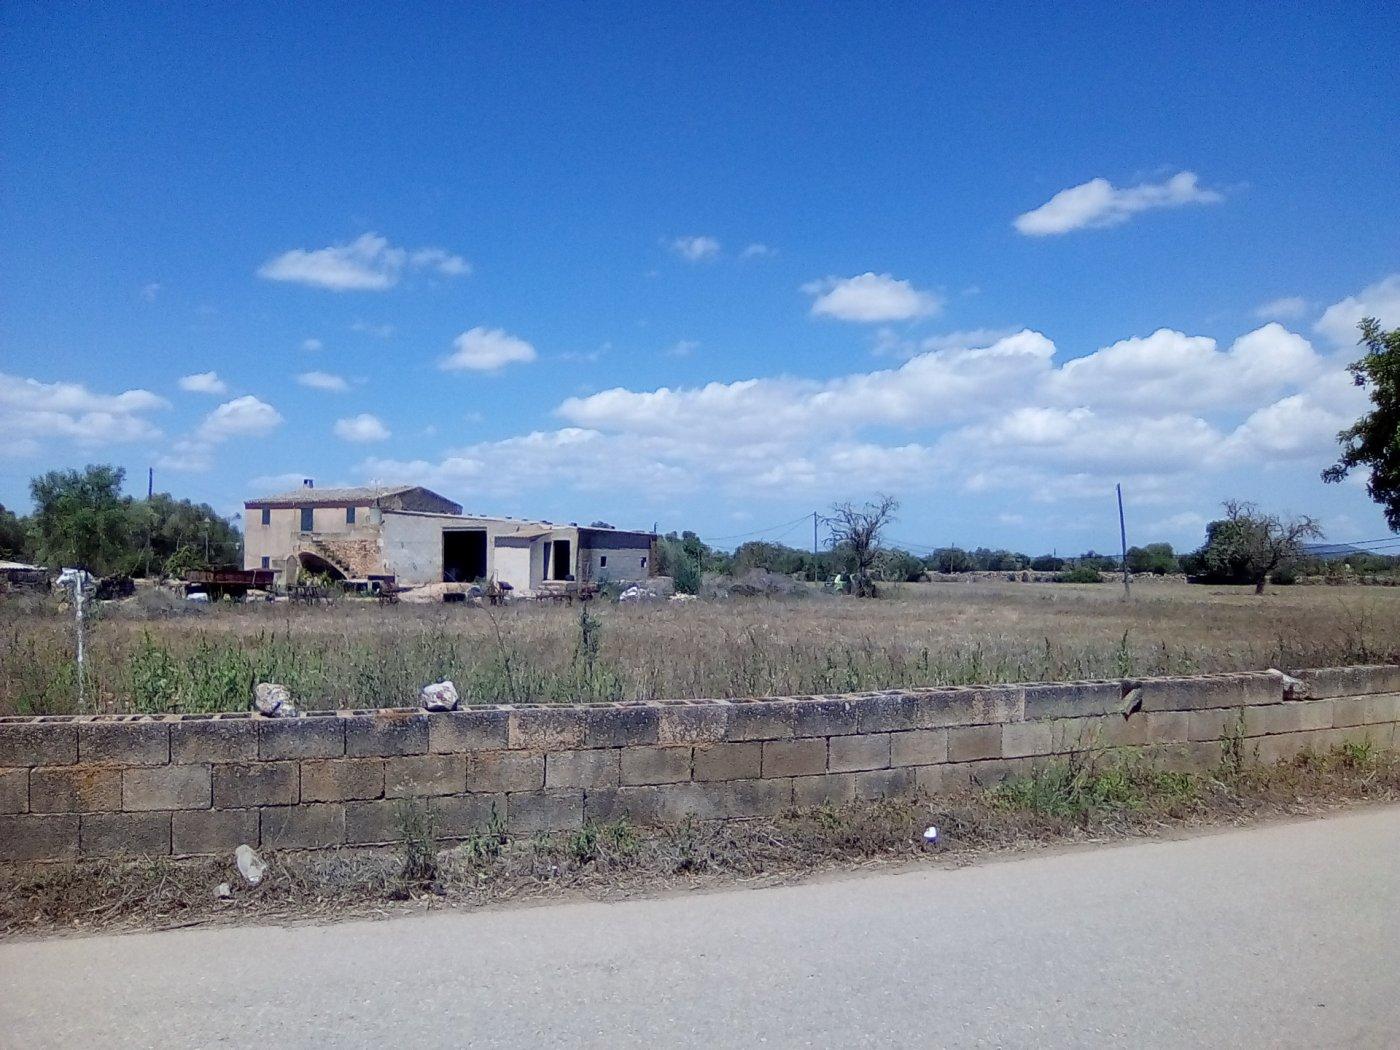 Finca rustica en venta con casa de campo en son valls felanitx - imagenInmueble9